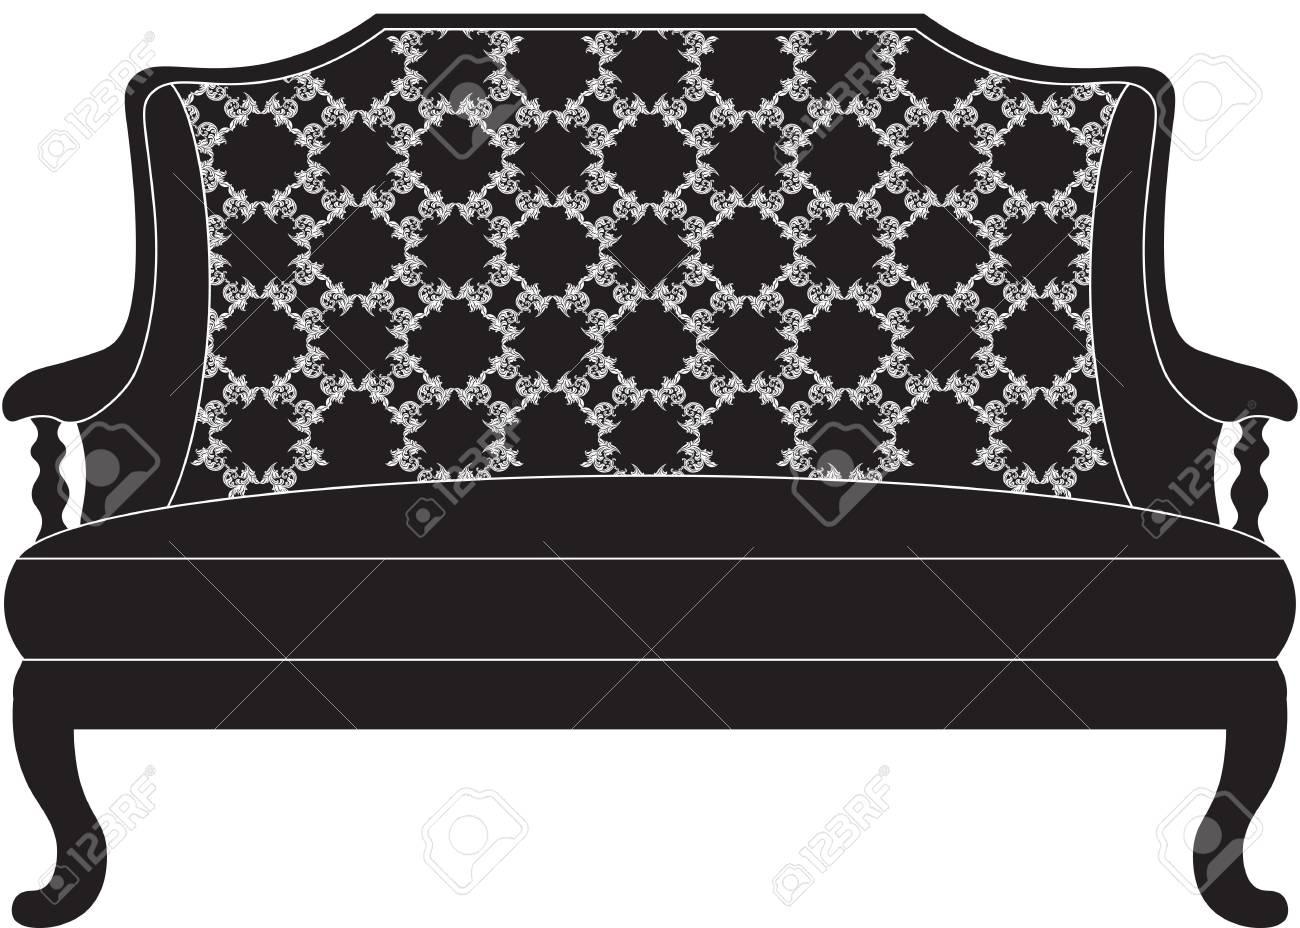 Full Size of Weinlese Barock Sofa Mit Luxurisen Ornamenten Elegante Verstellbarer Sitztiefe Kolonialstil Creme Karup L Form 3 Sitzer Relaxfunktion 2 5 Weiches Ligne Roset Sofa Barock Sofa